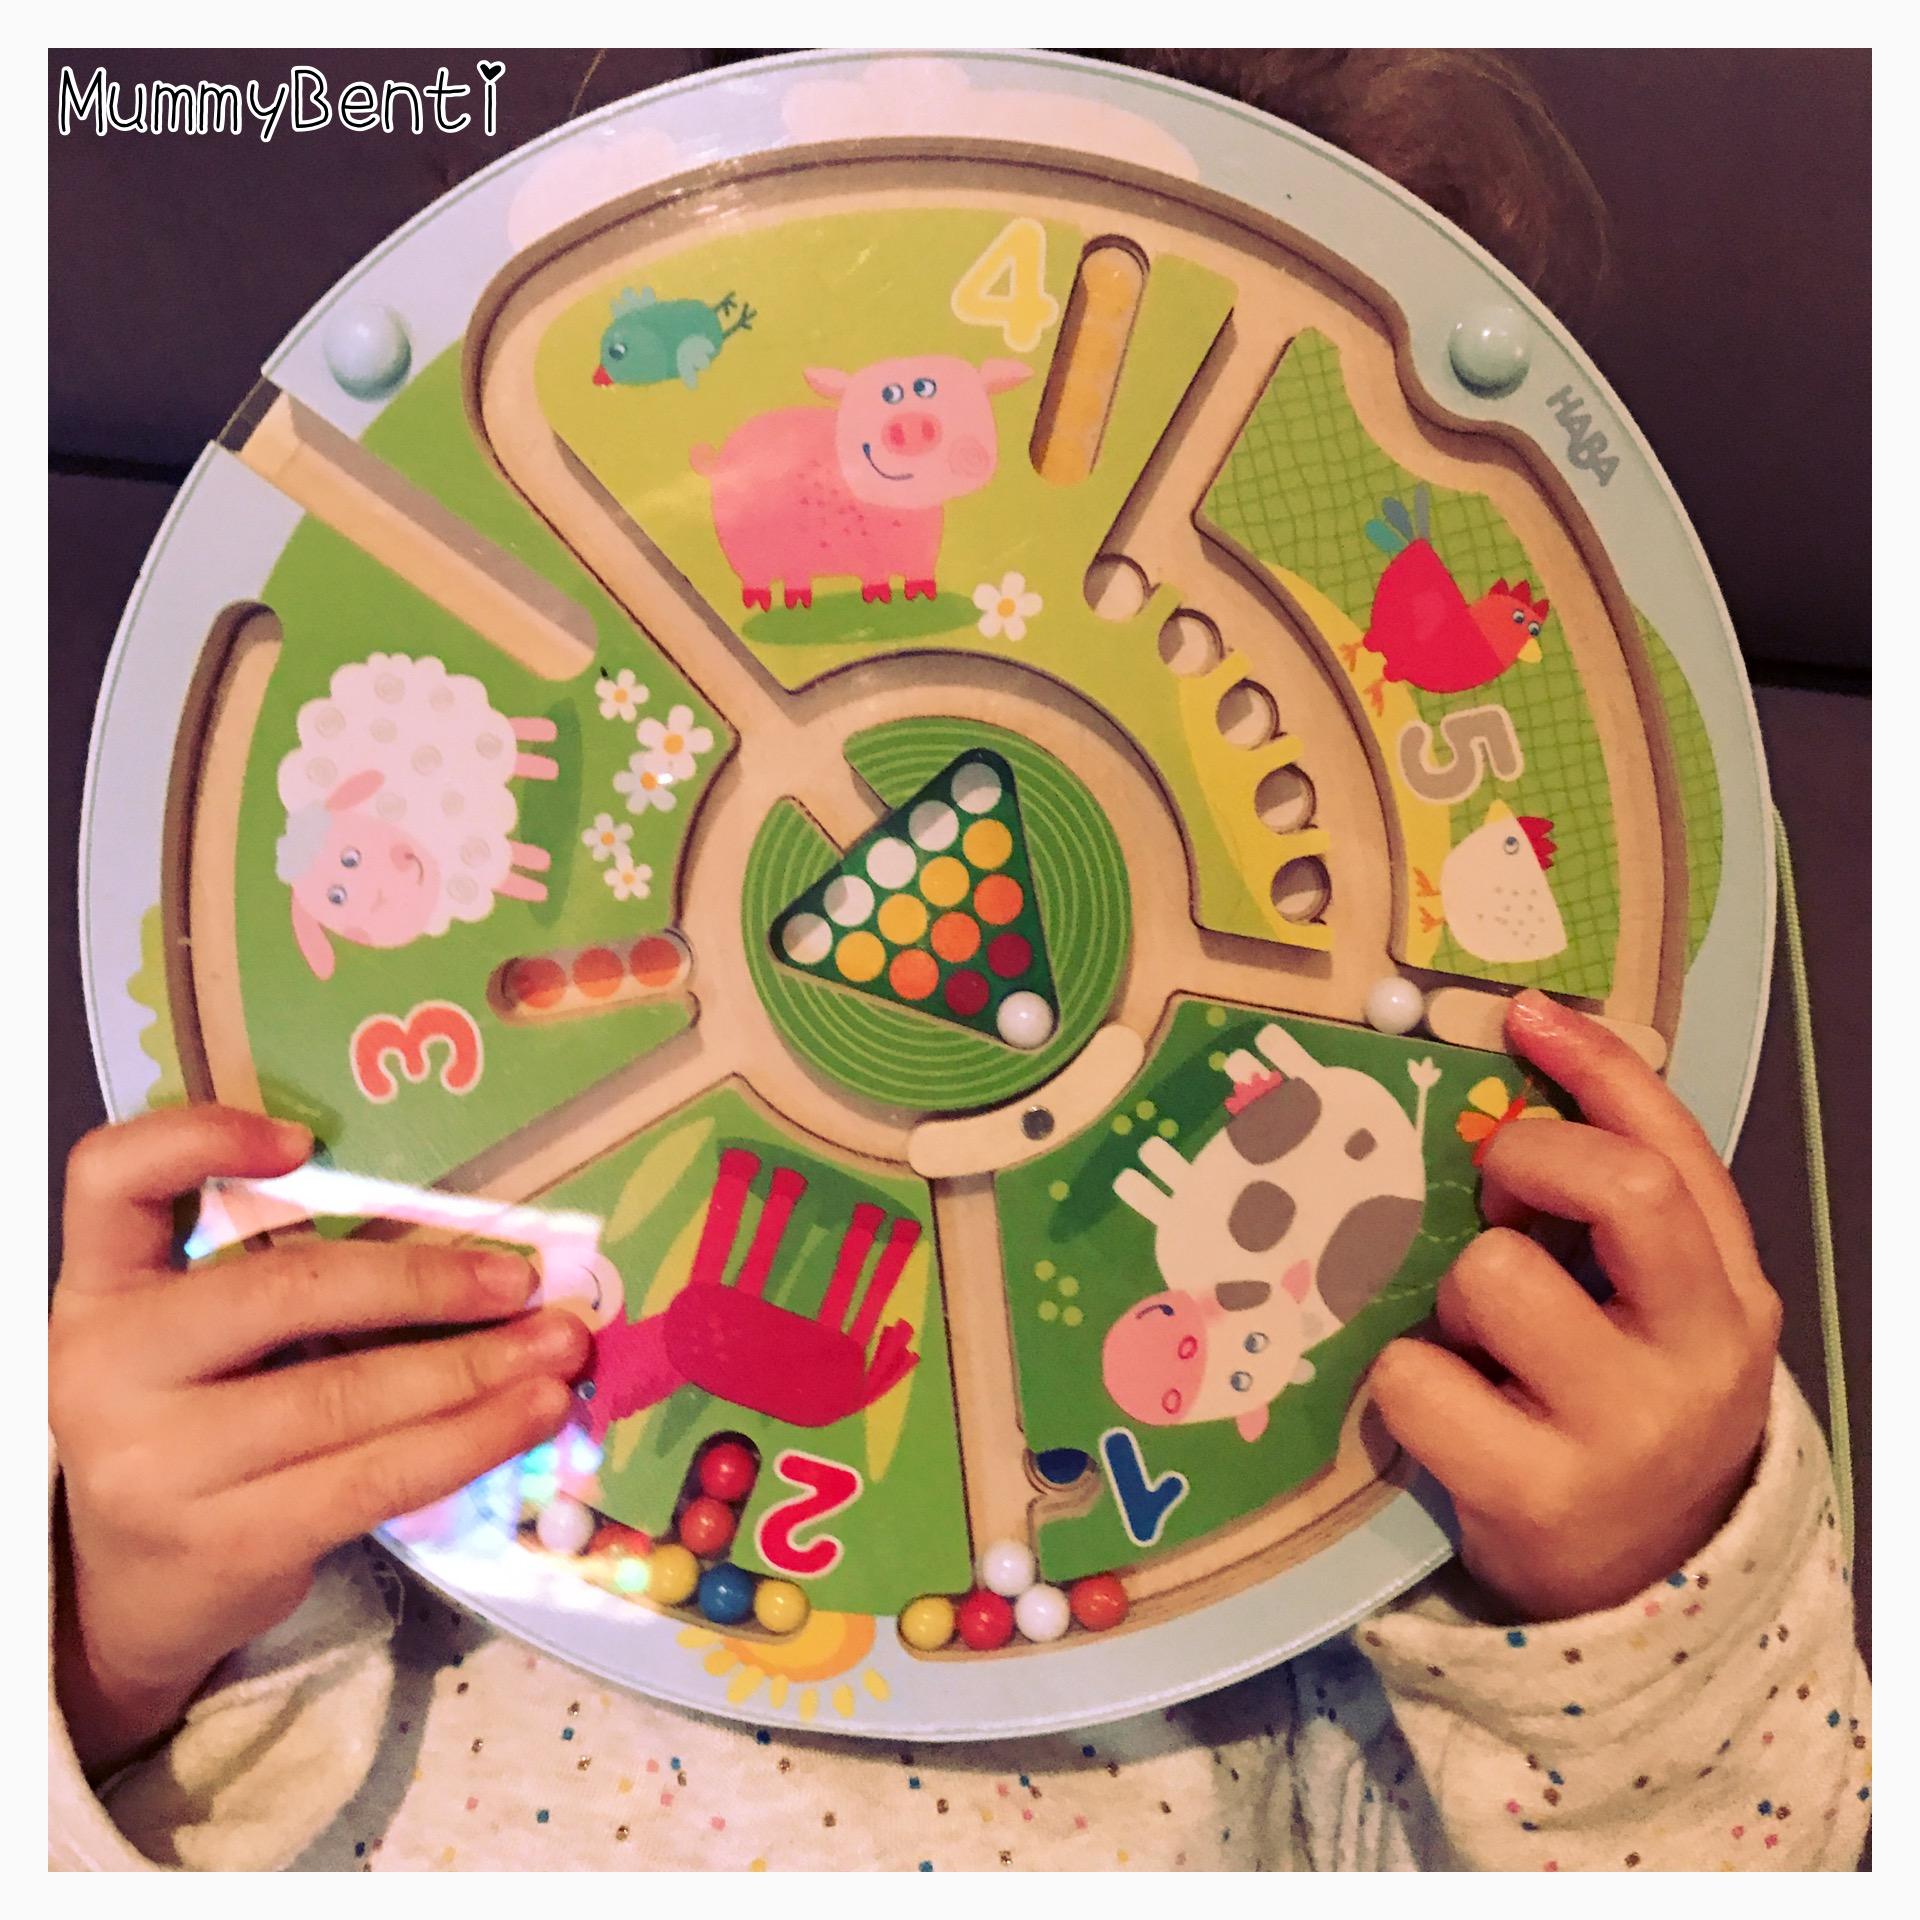 Blog MummyBenti Haba Labyrinthe magnétique animaux Précieuse test jeu Noël 2016